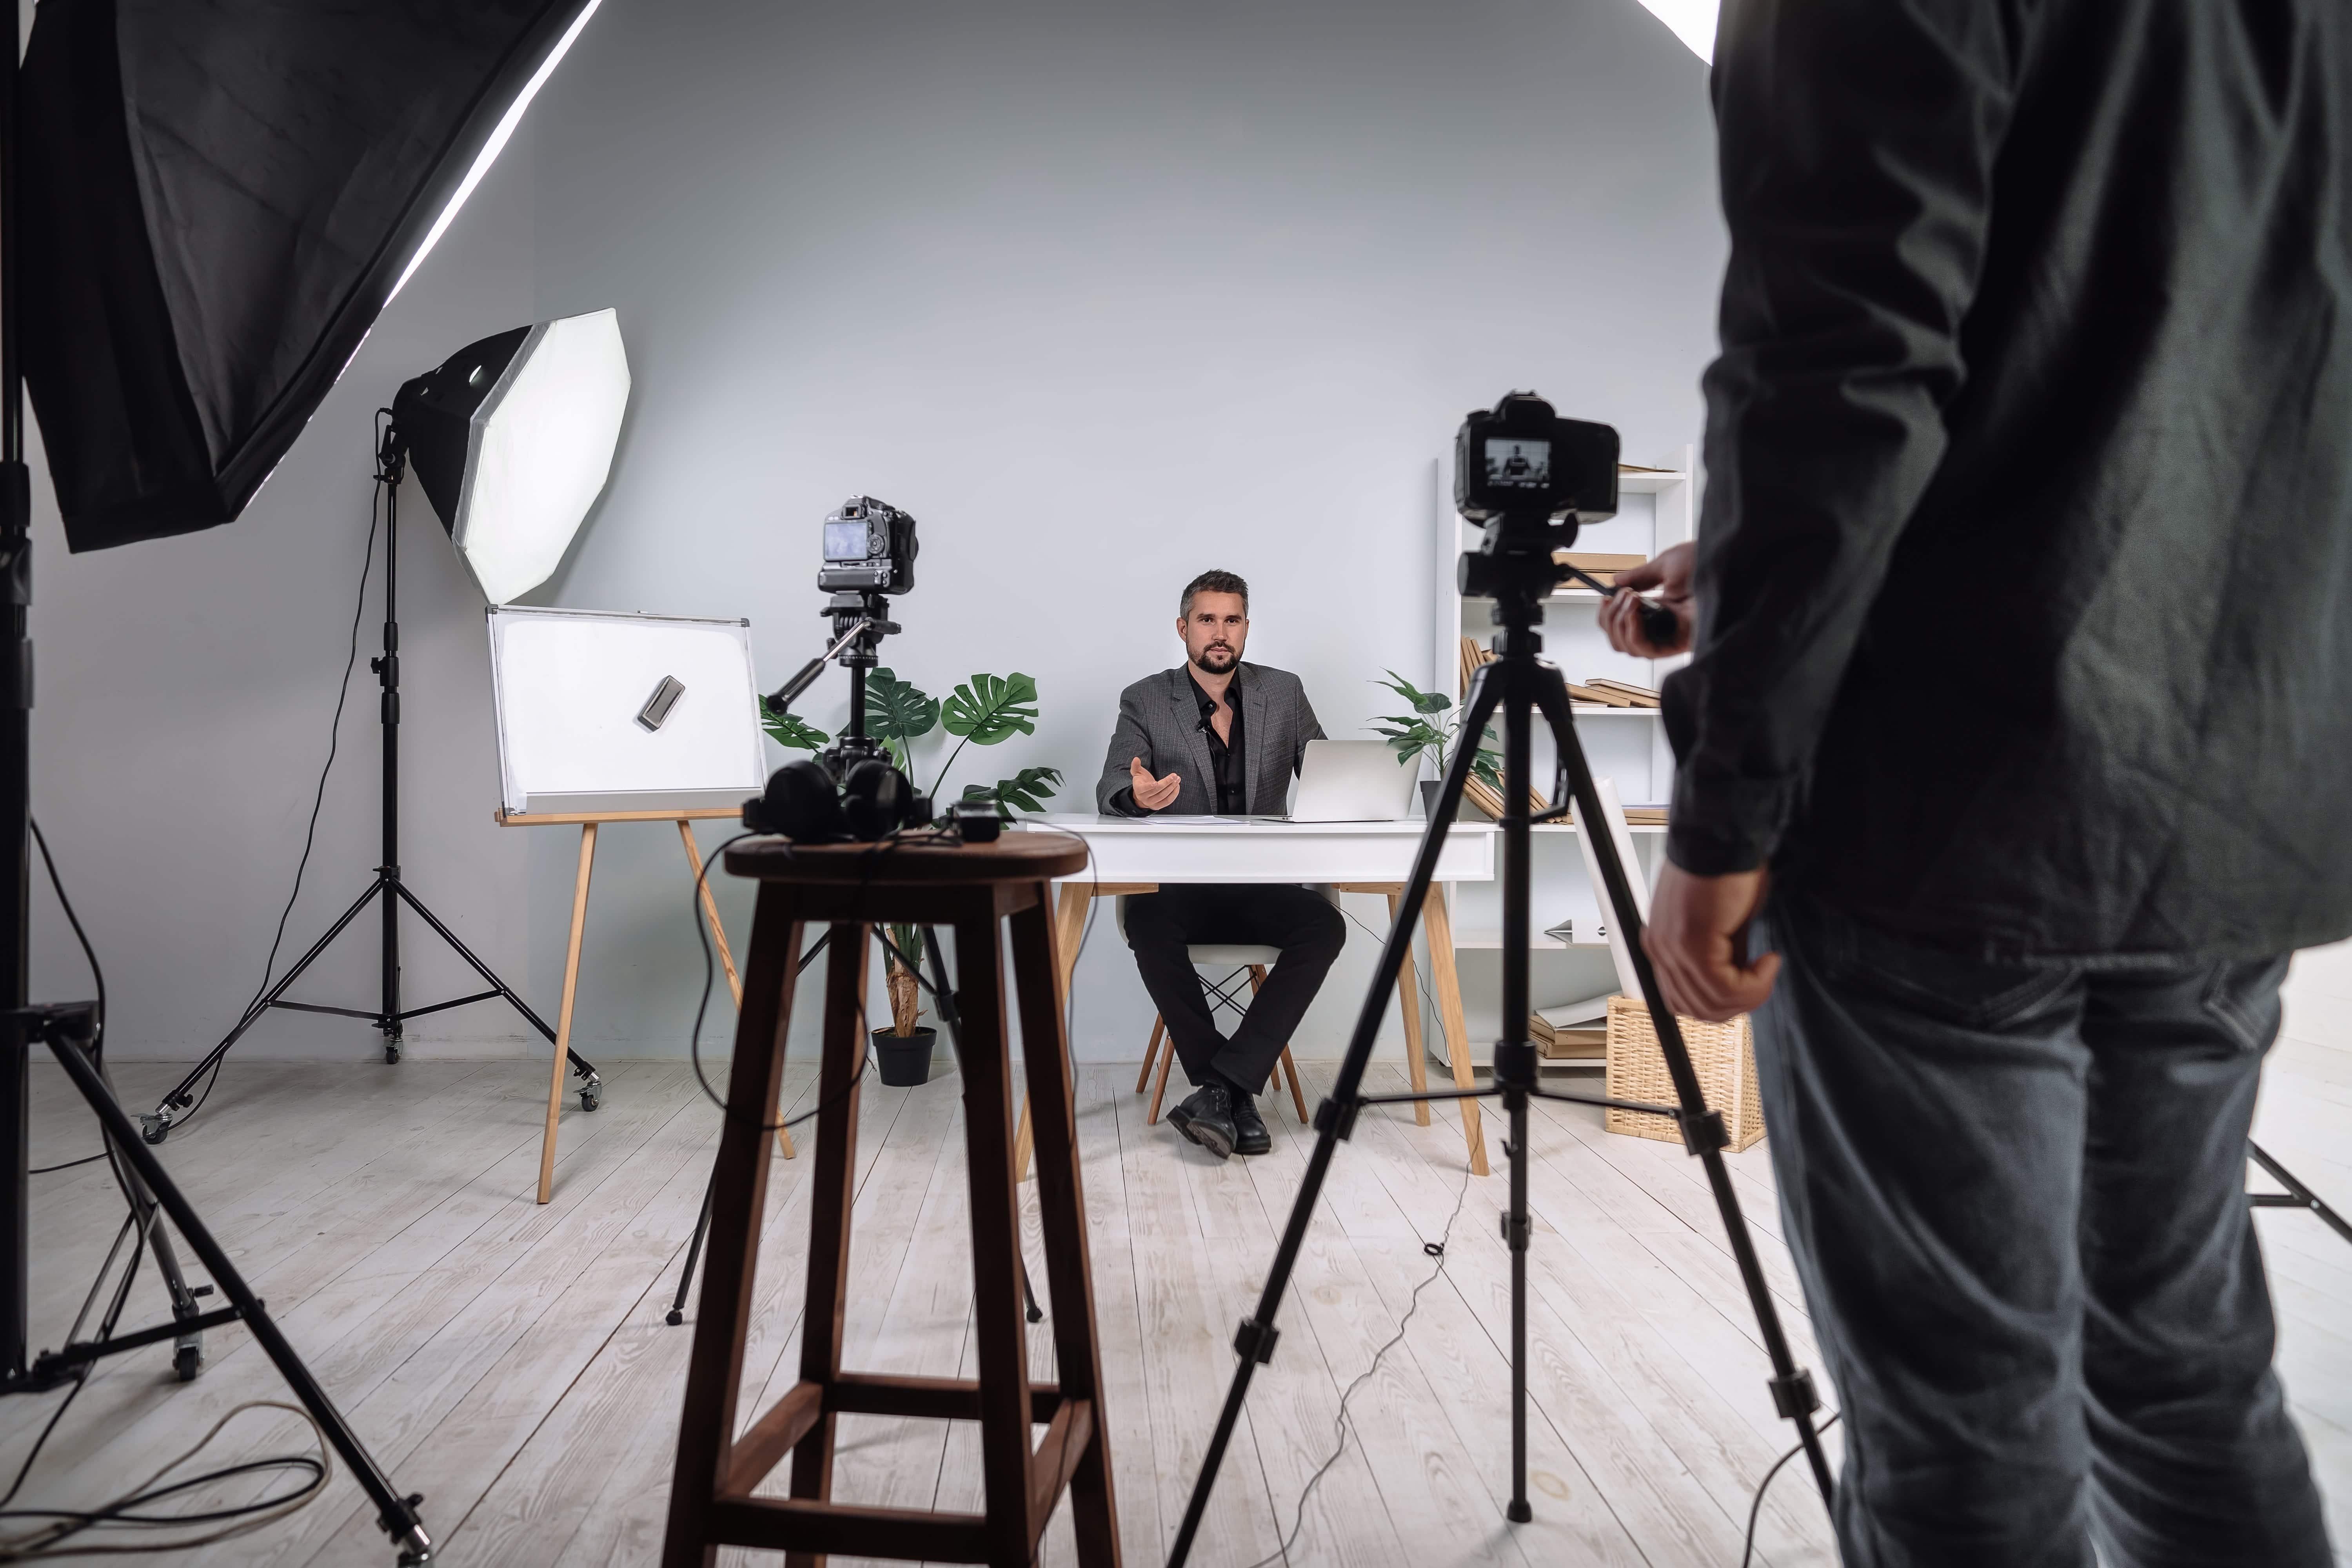 دورة تصوير الفيديو والمونتاج